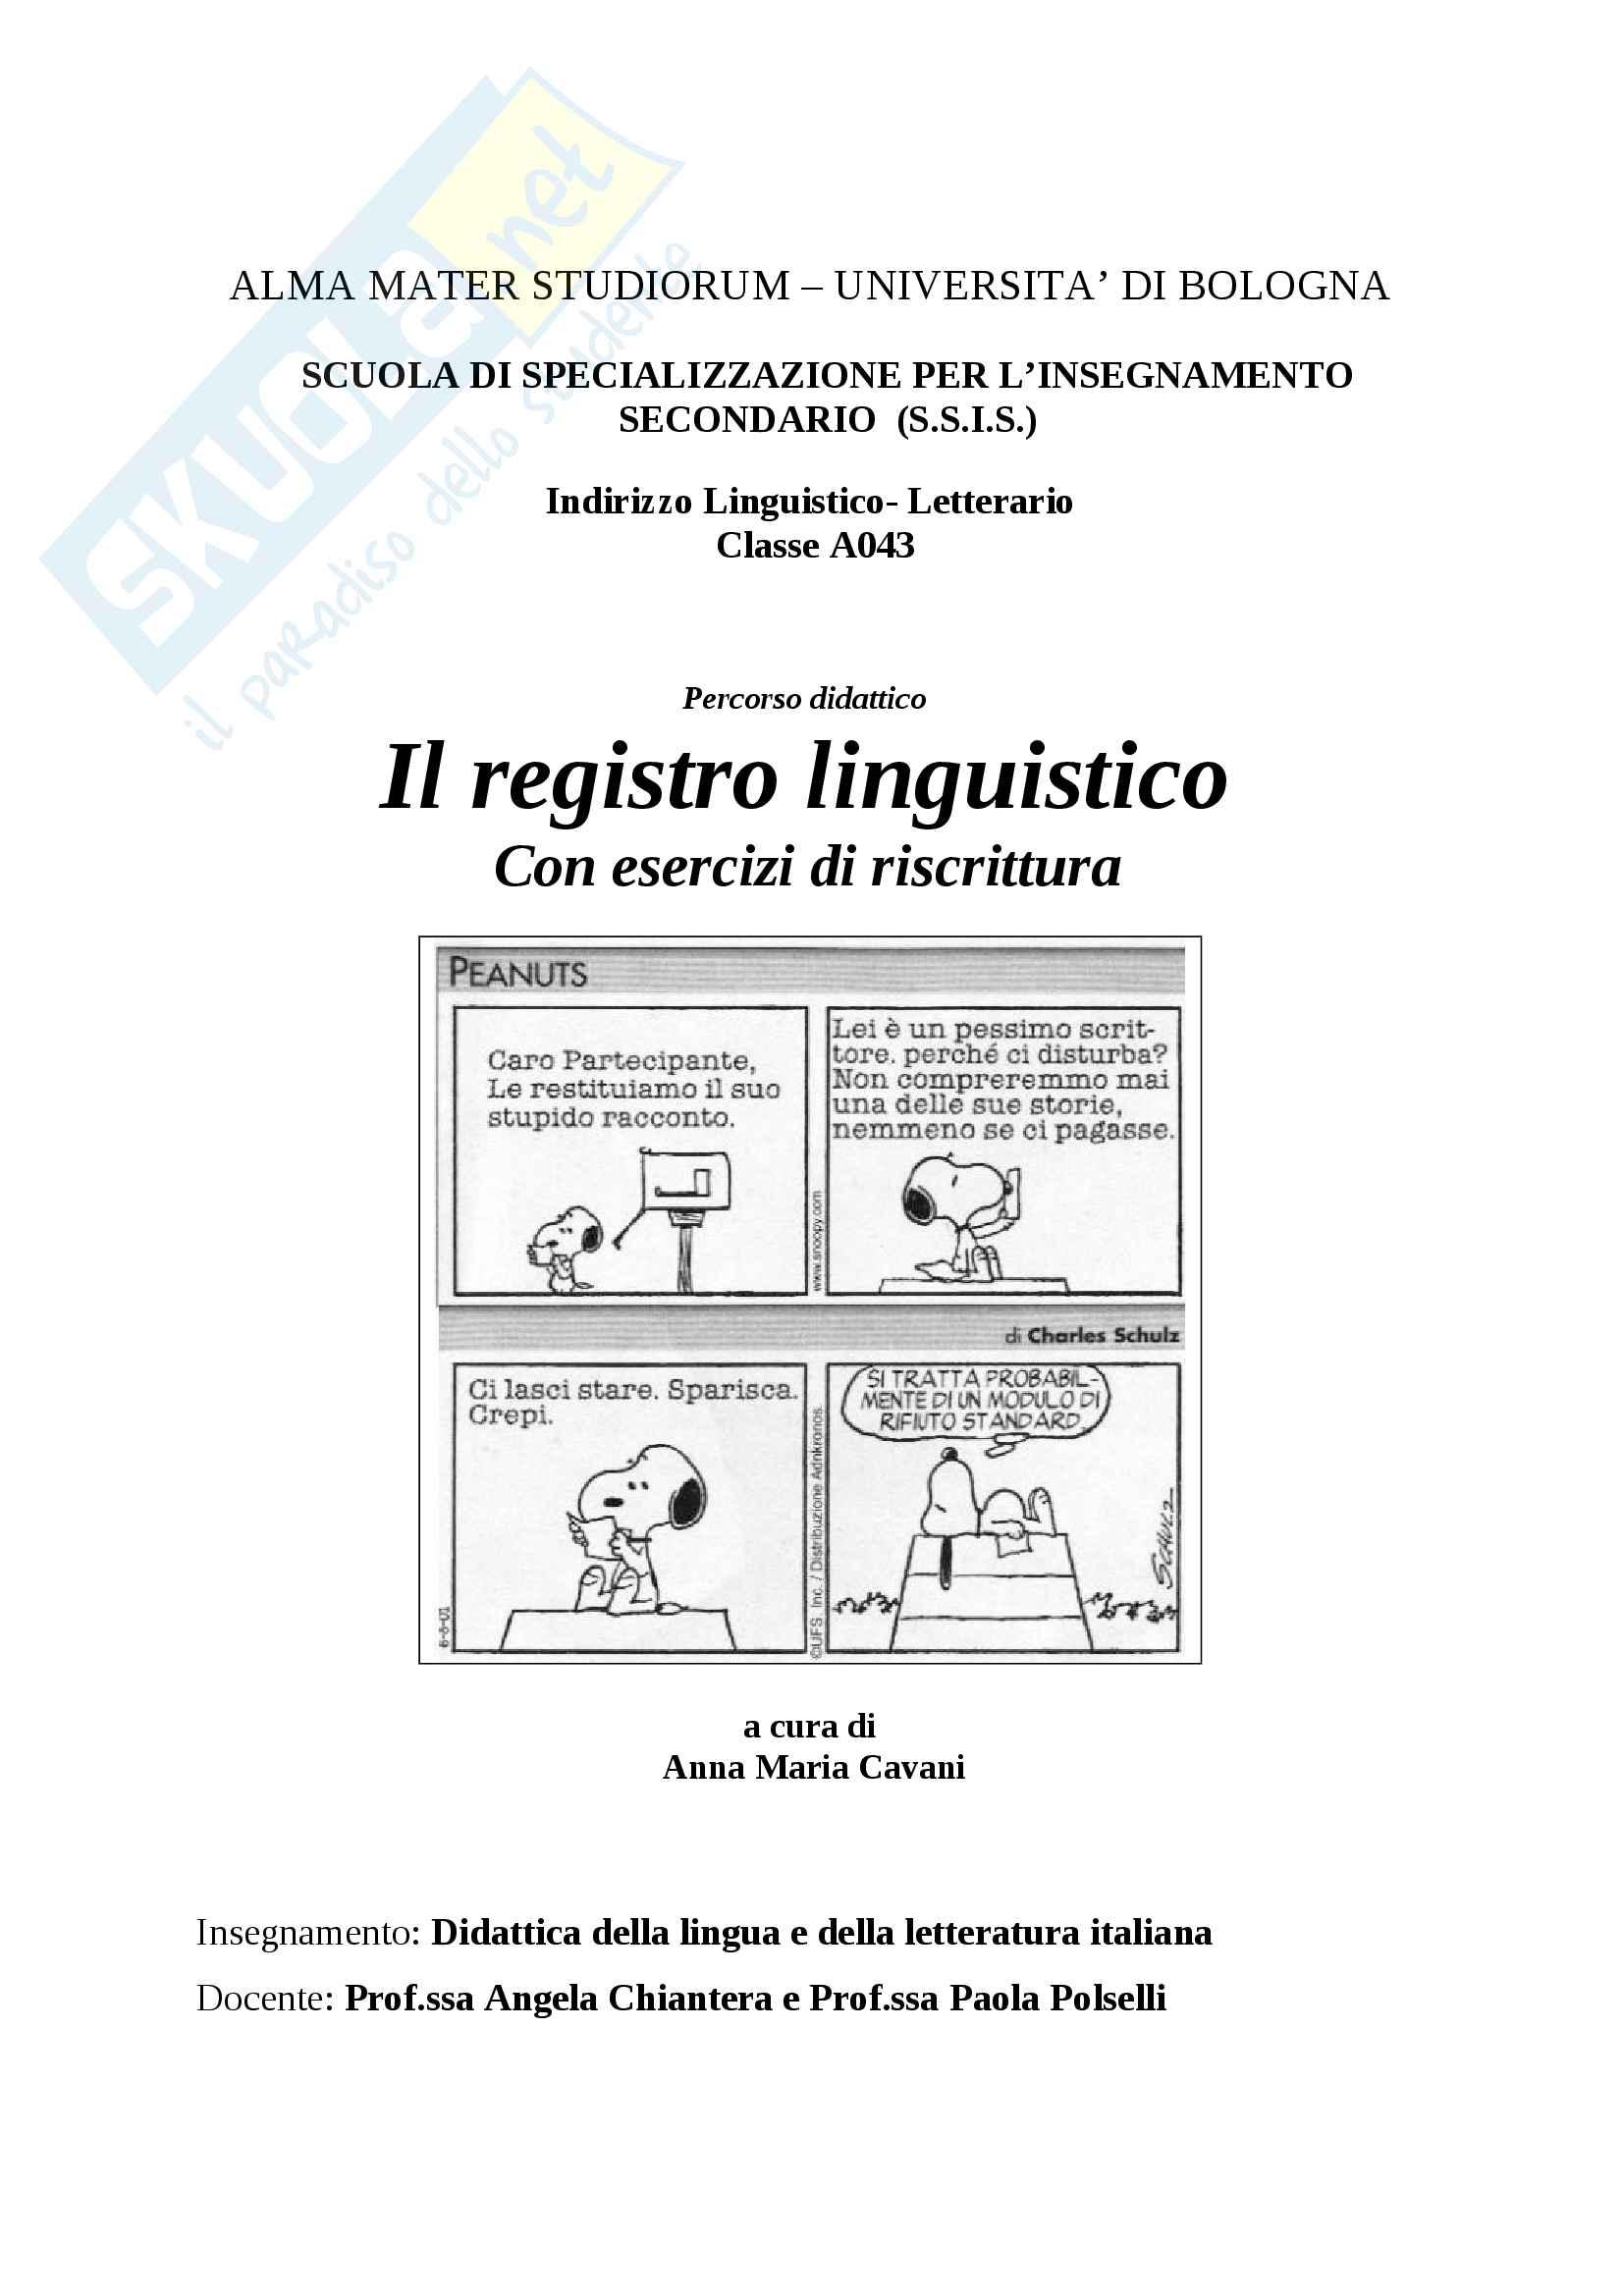 Registri linguistici - percorso didattico - unità di apprendimento